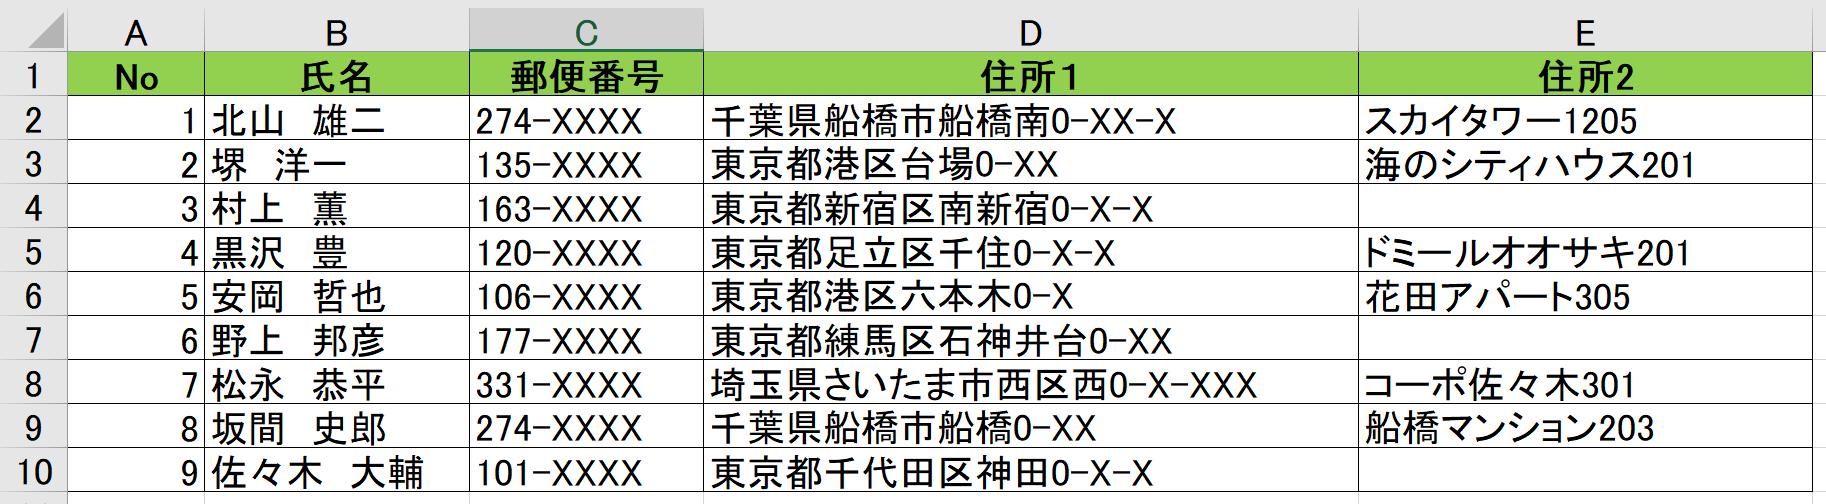 ラベル印刷簡単に作成・印刷!Excelでラベル印刷を行う方法1